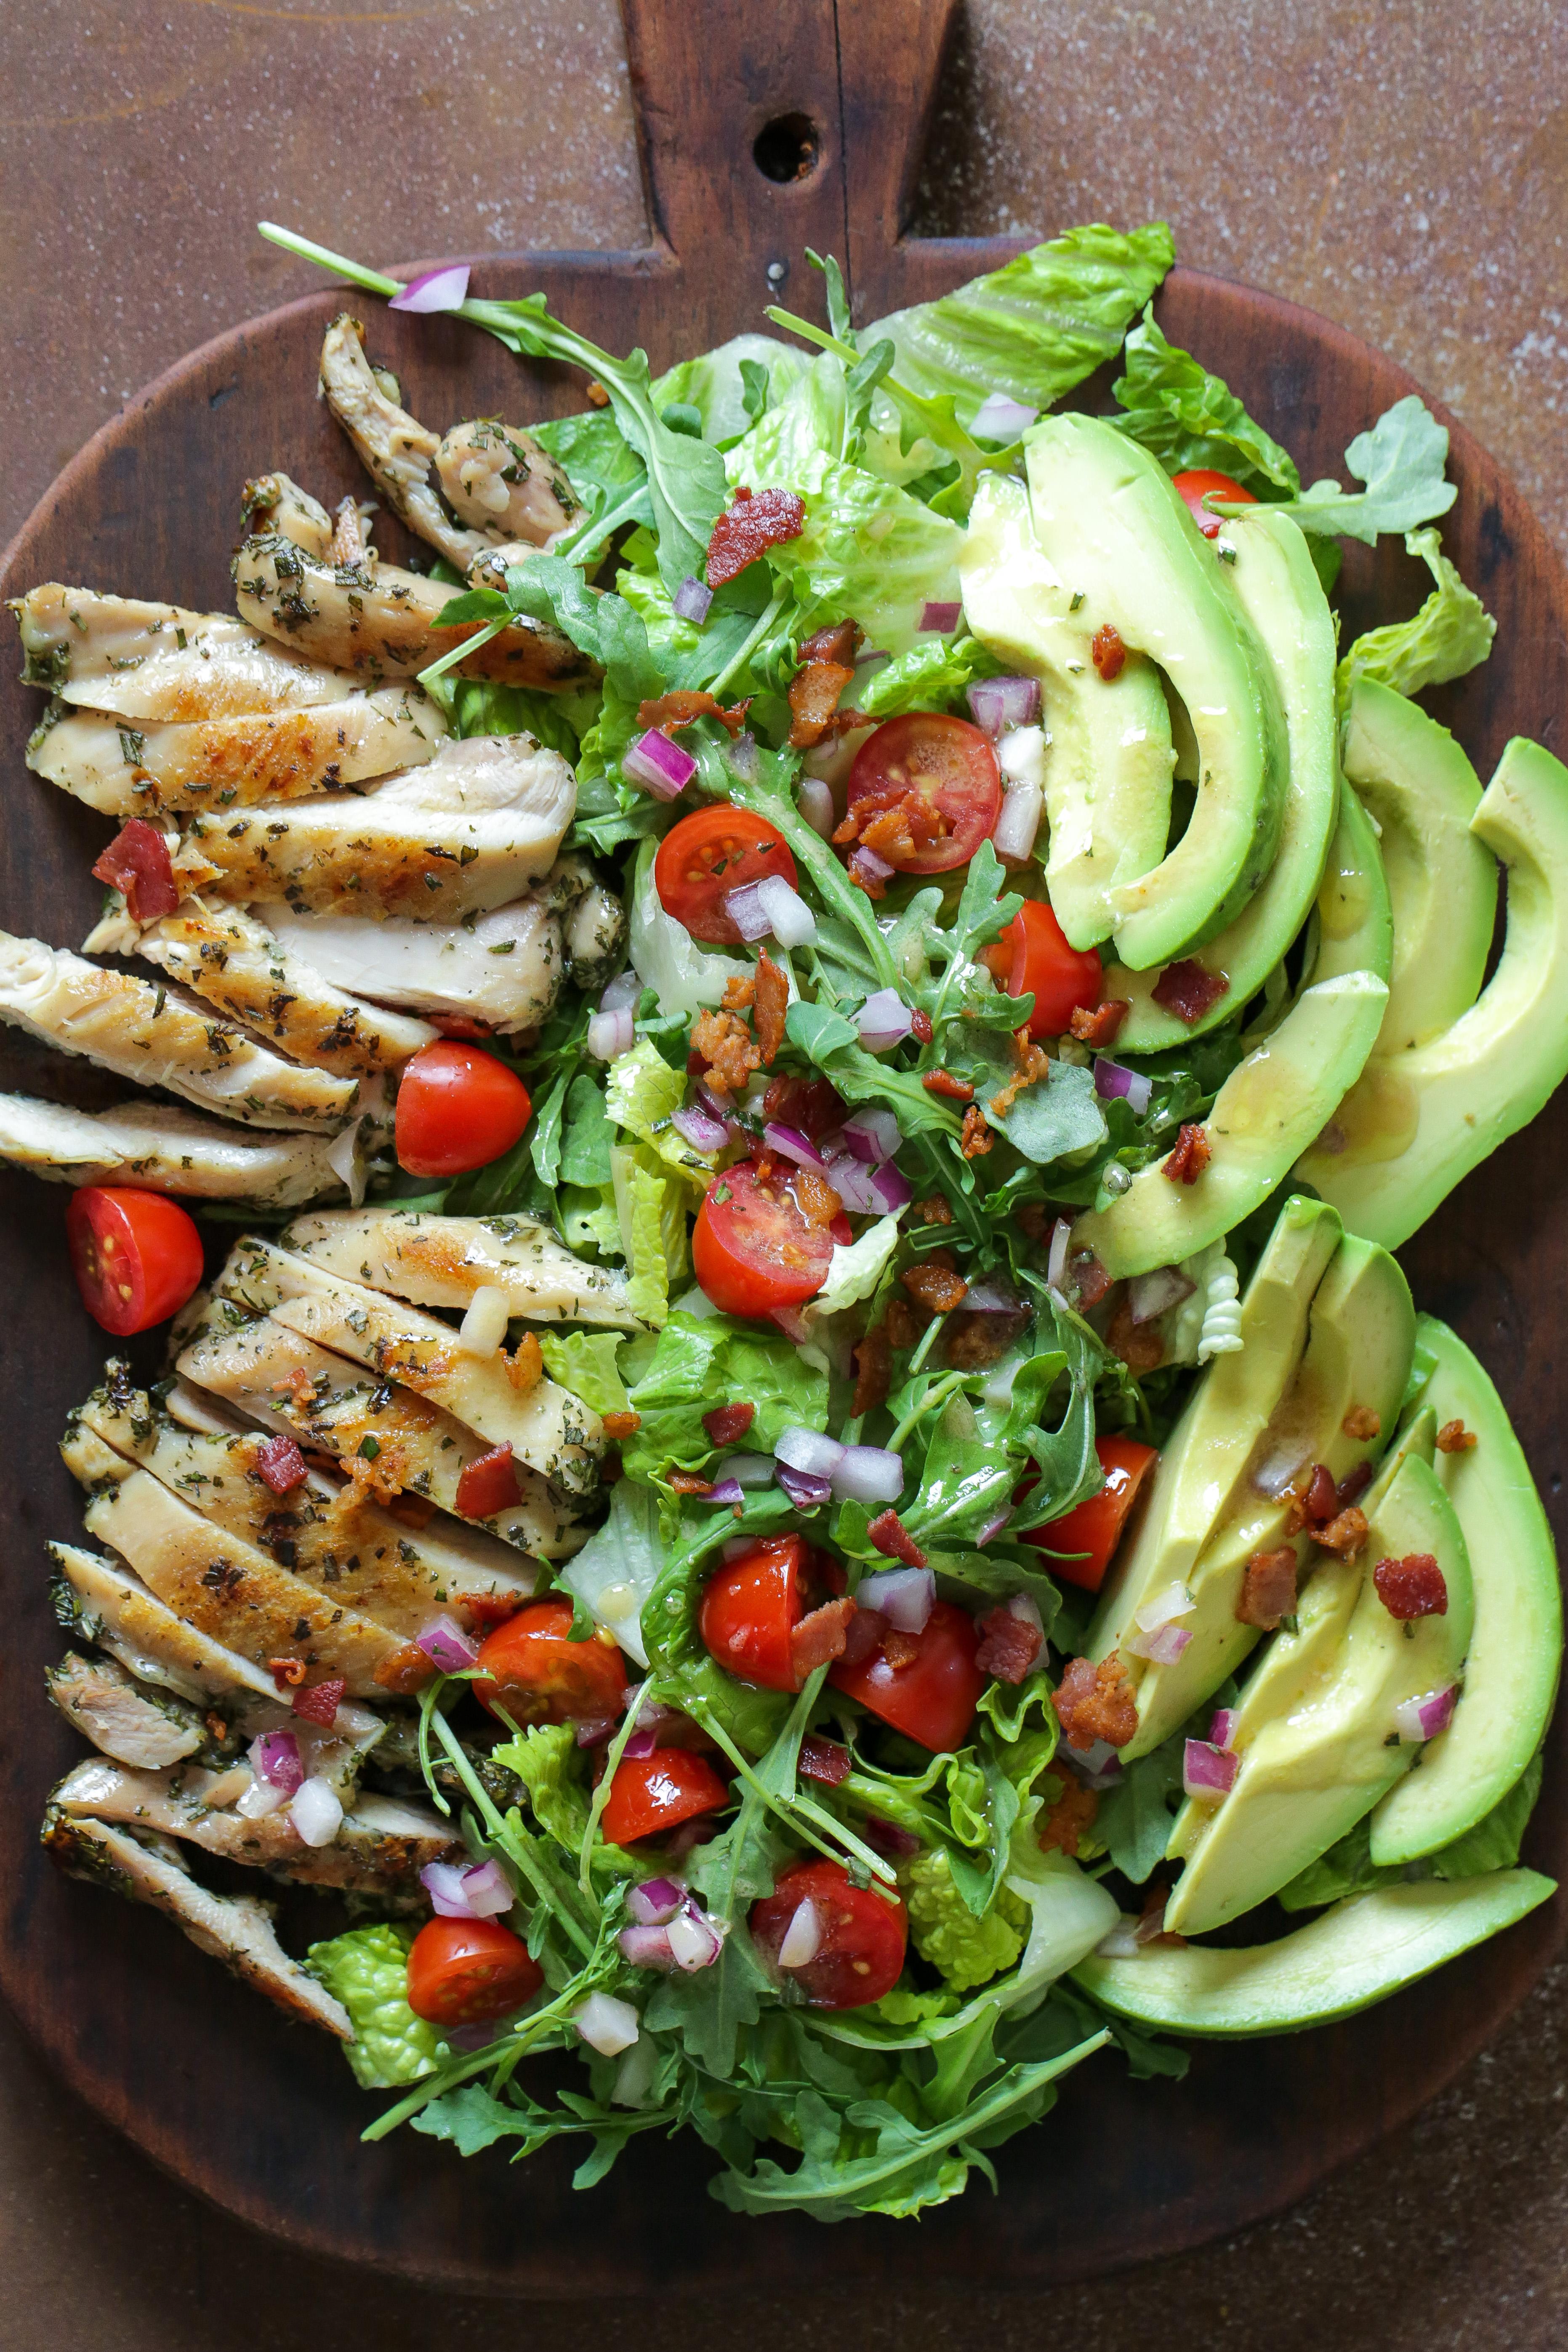 Rosemary Bacon, Chicken and Avocado Salad